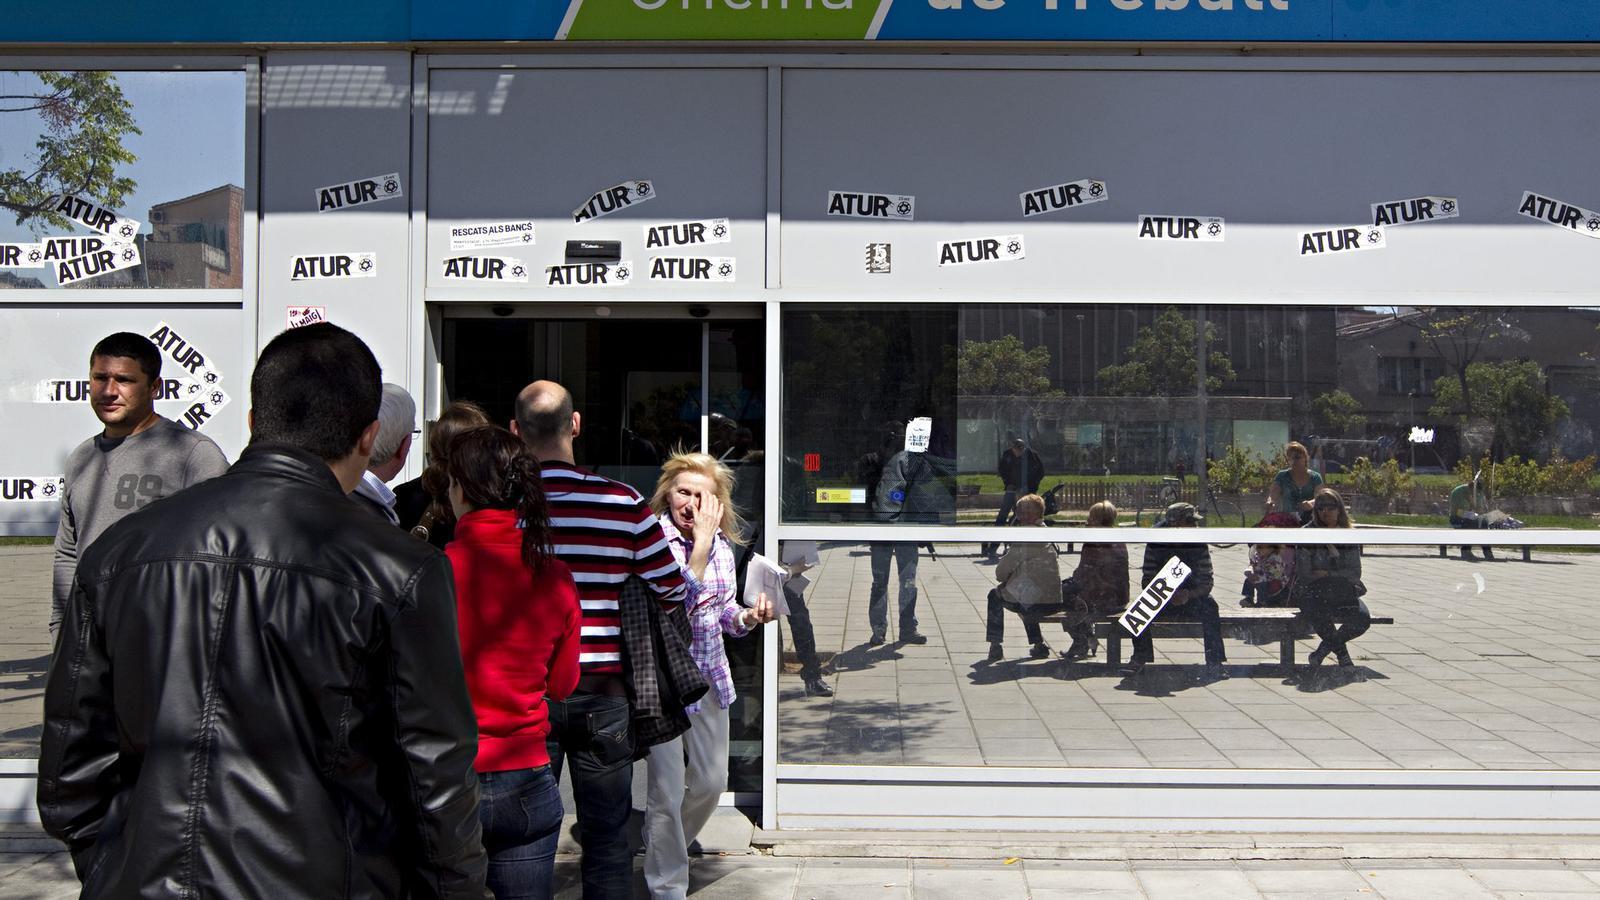 La recessi disparar l 39 atur espanyol al 25 a espanya for Bbva oficines barcelona